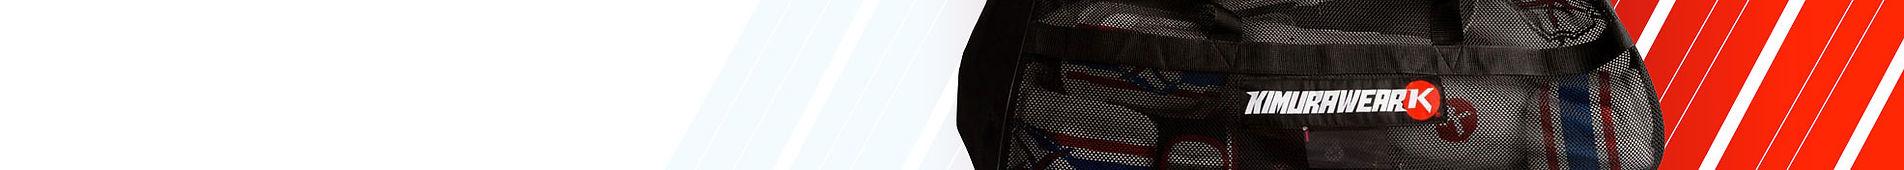 Gym-Bag-Banner.jpg